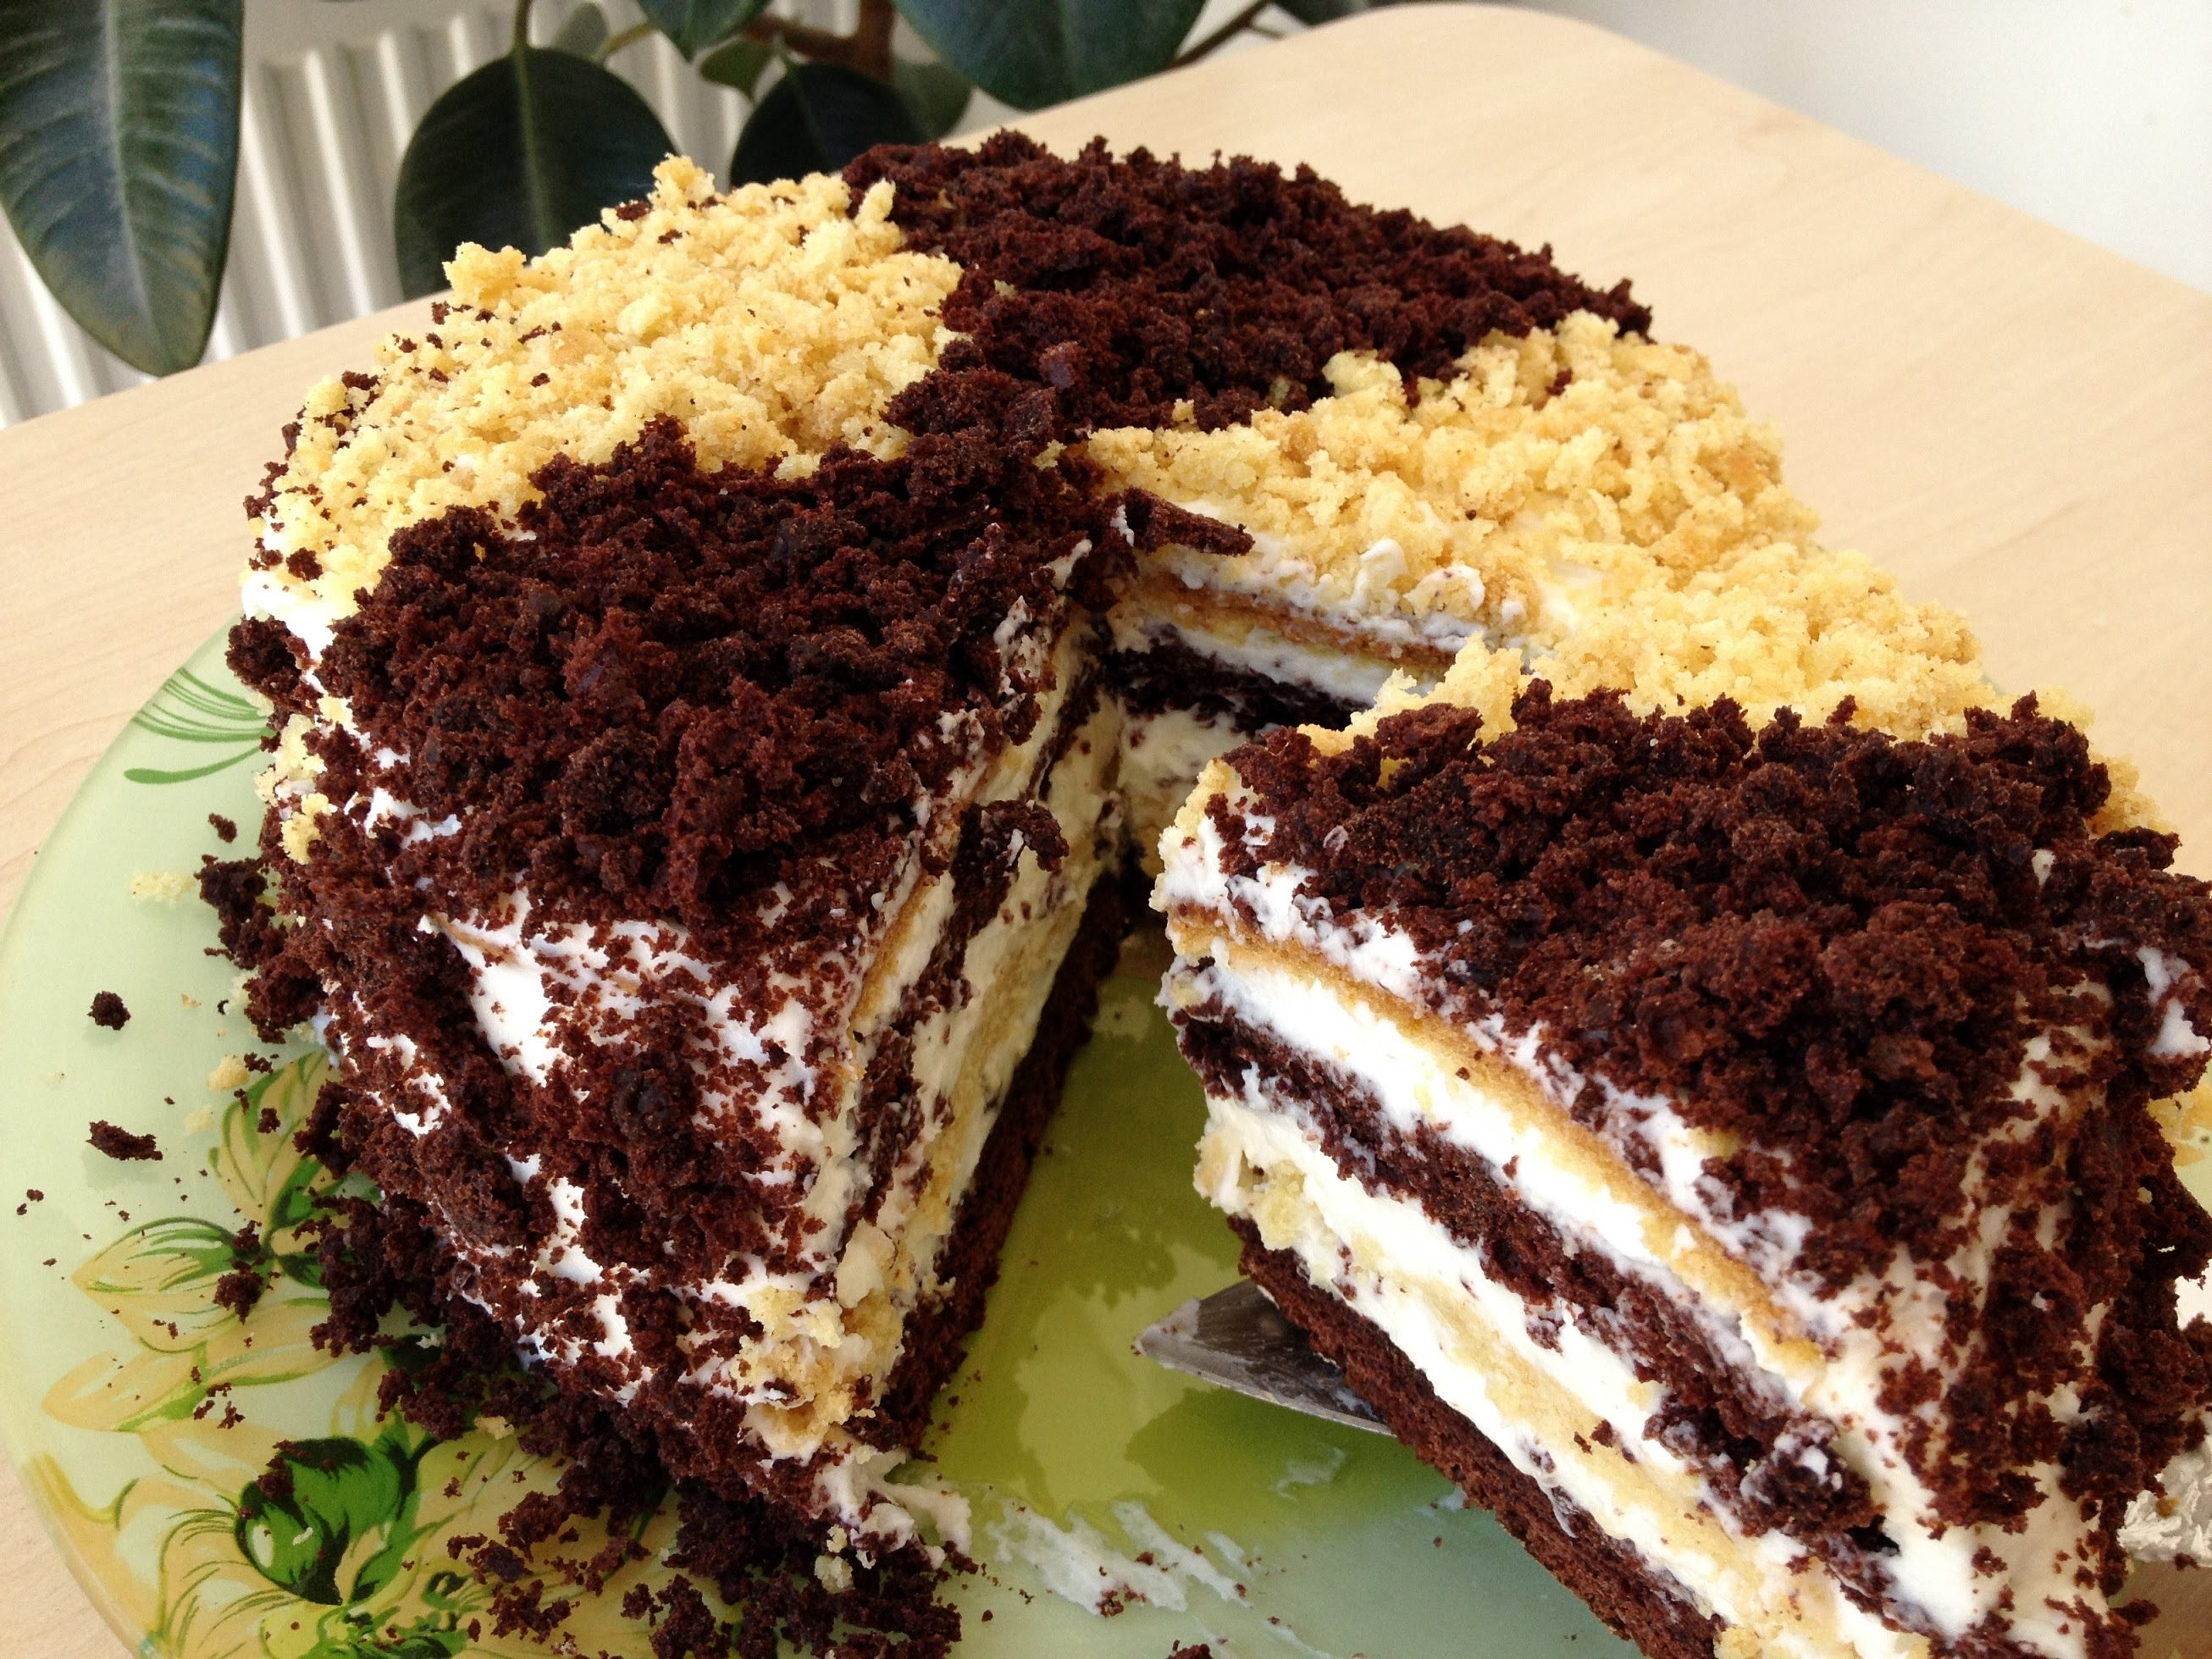 рецепт тортов больших размеров пошаговый с фото фирмы